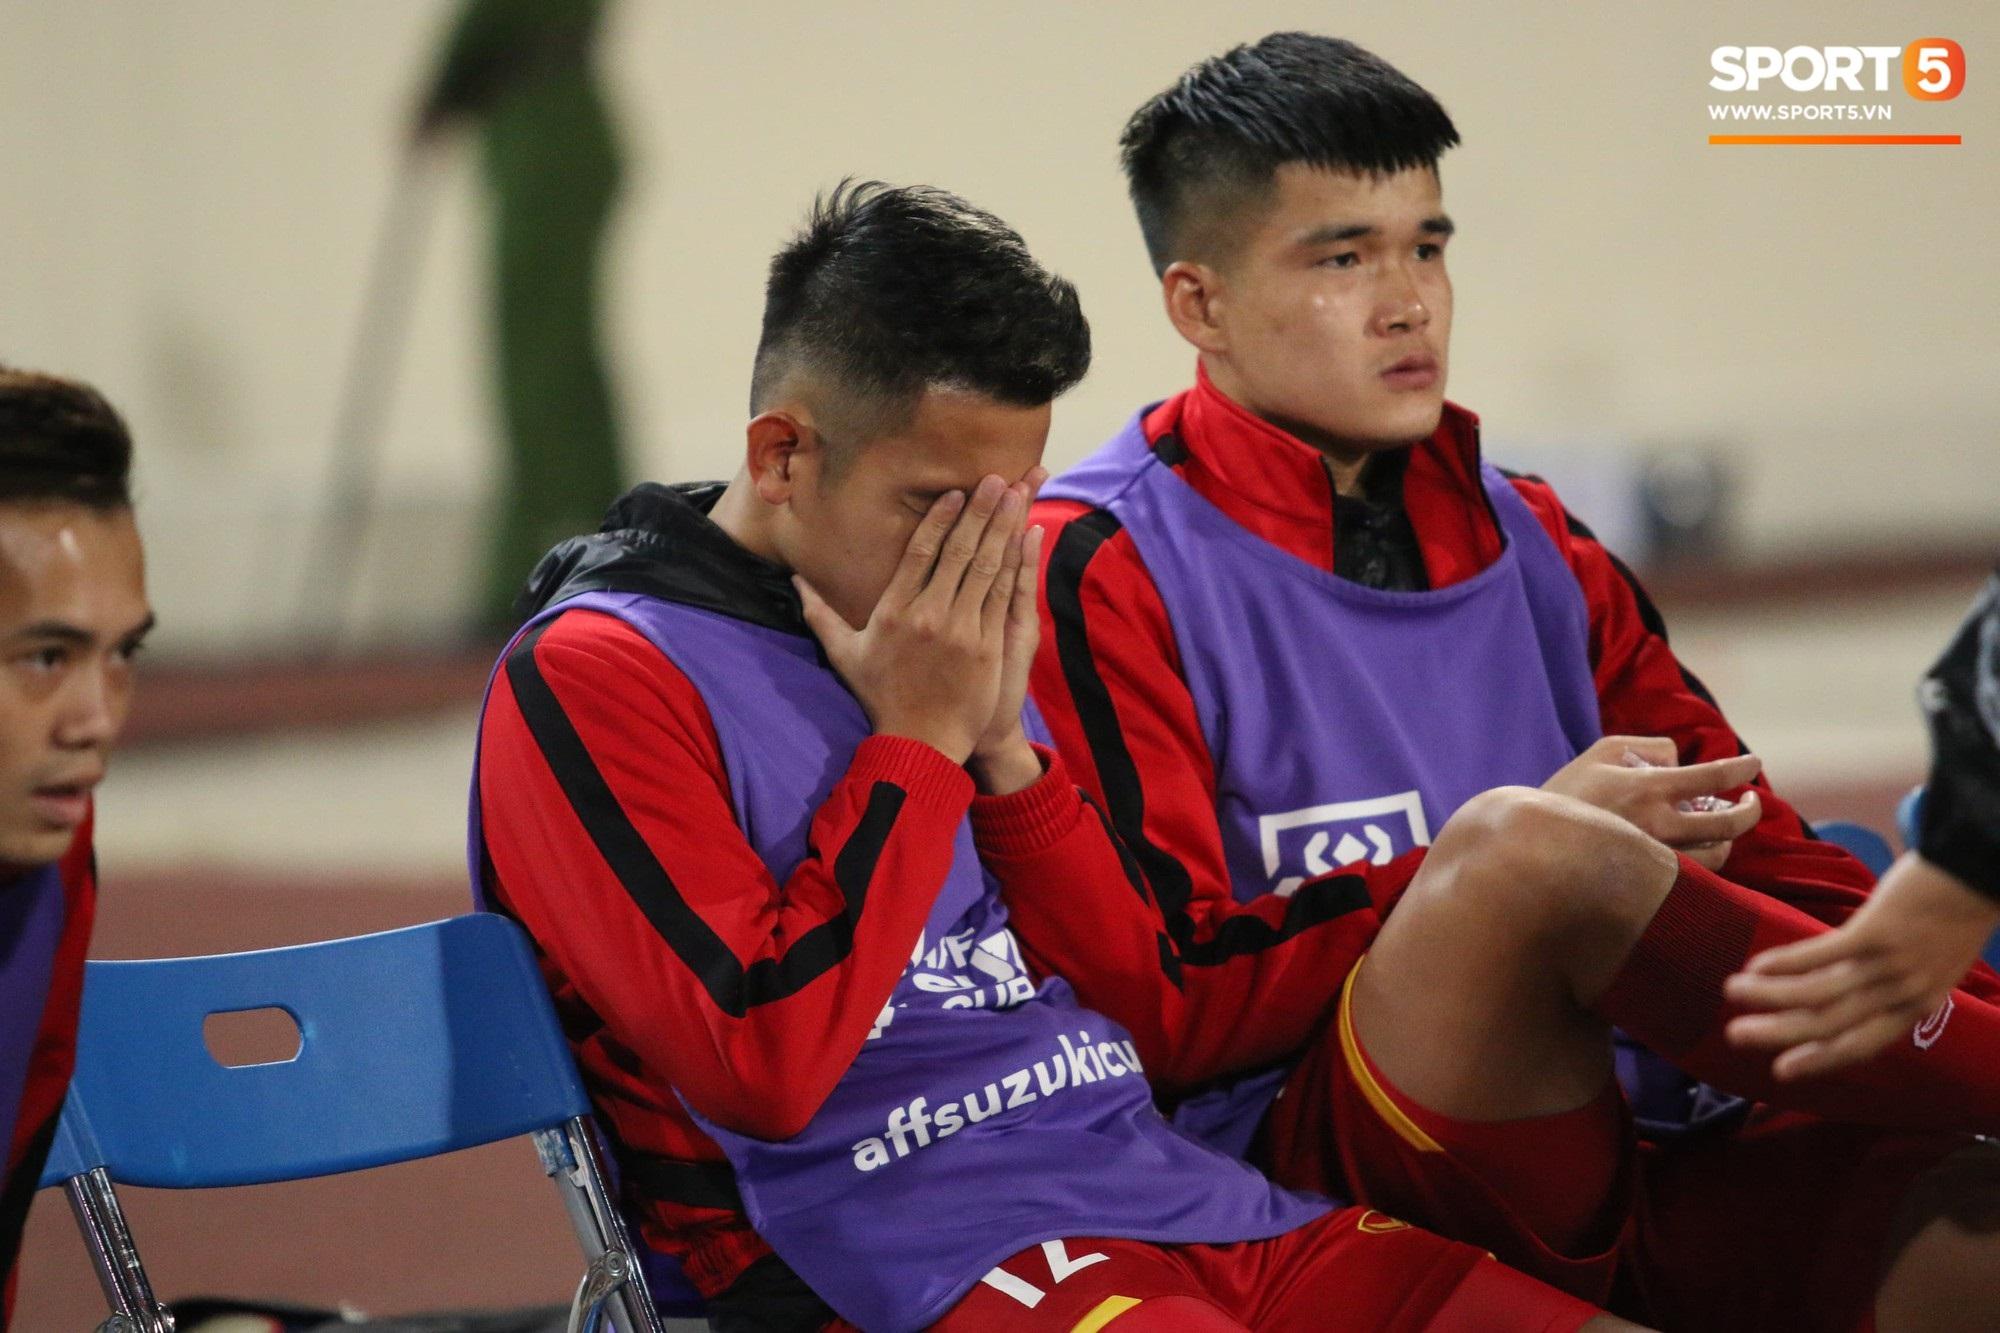 Giây phút chào cờ xúc động của đội tuyển Việt Nam, Đình Trọng, Hồng Duy cùng cầu nguyện trước khi xung trận - Ảnh 5